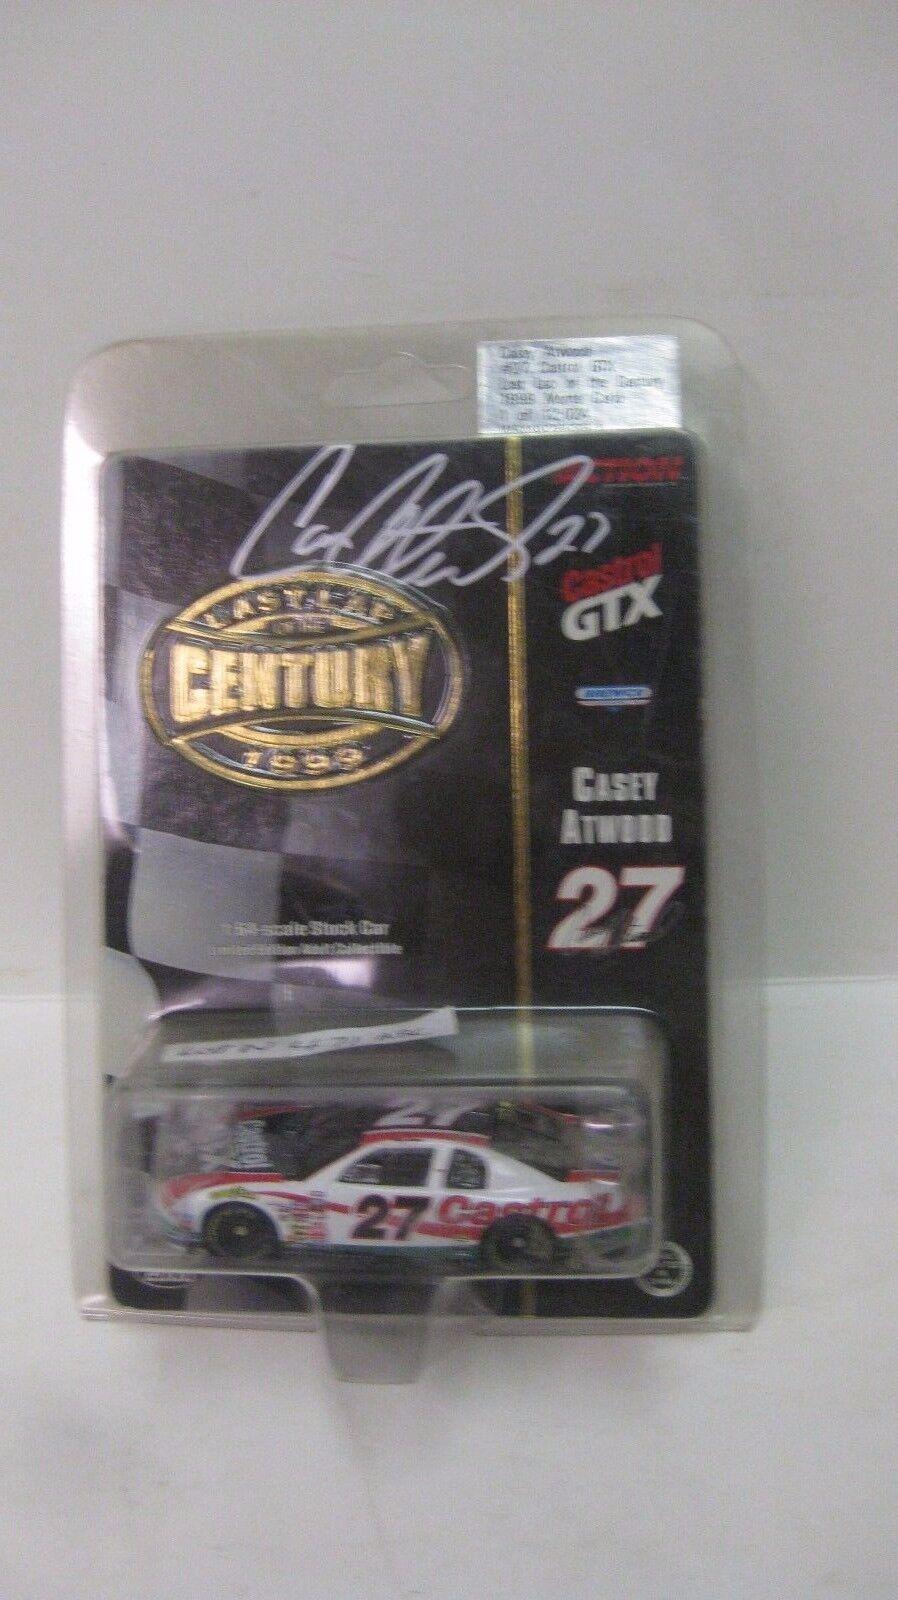 Nascar le Casey Atwood Autografato Castrol GTX Chevy 1 64 Pressofuso Nuovo